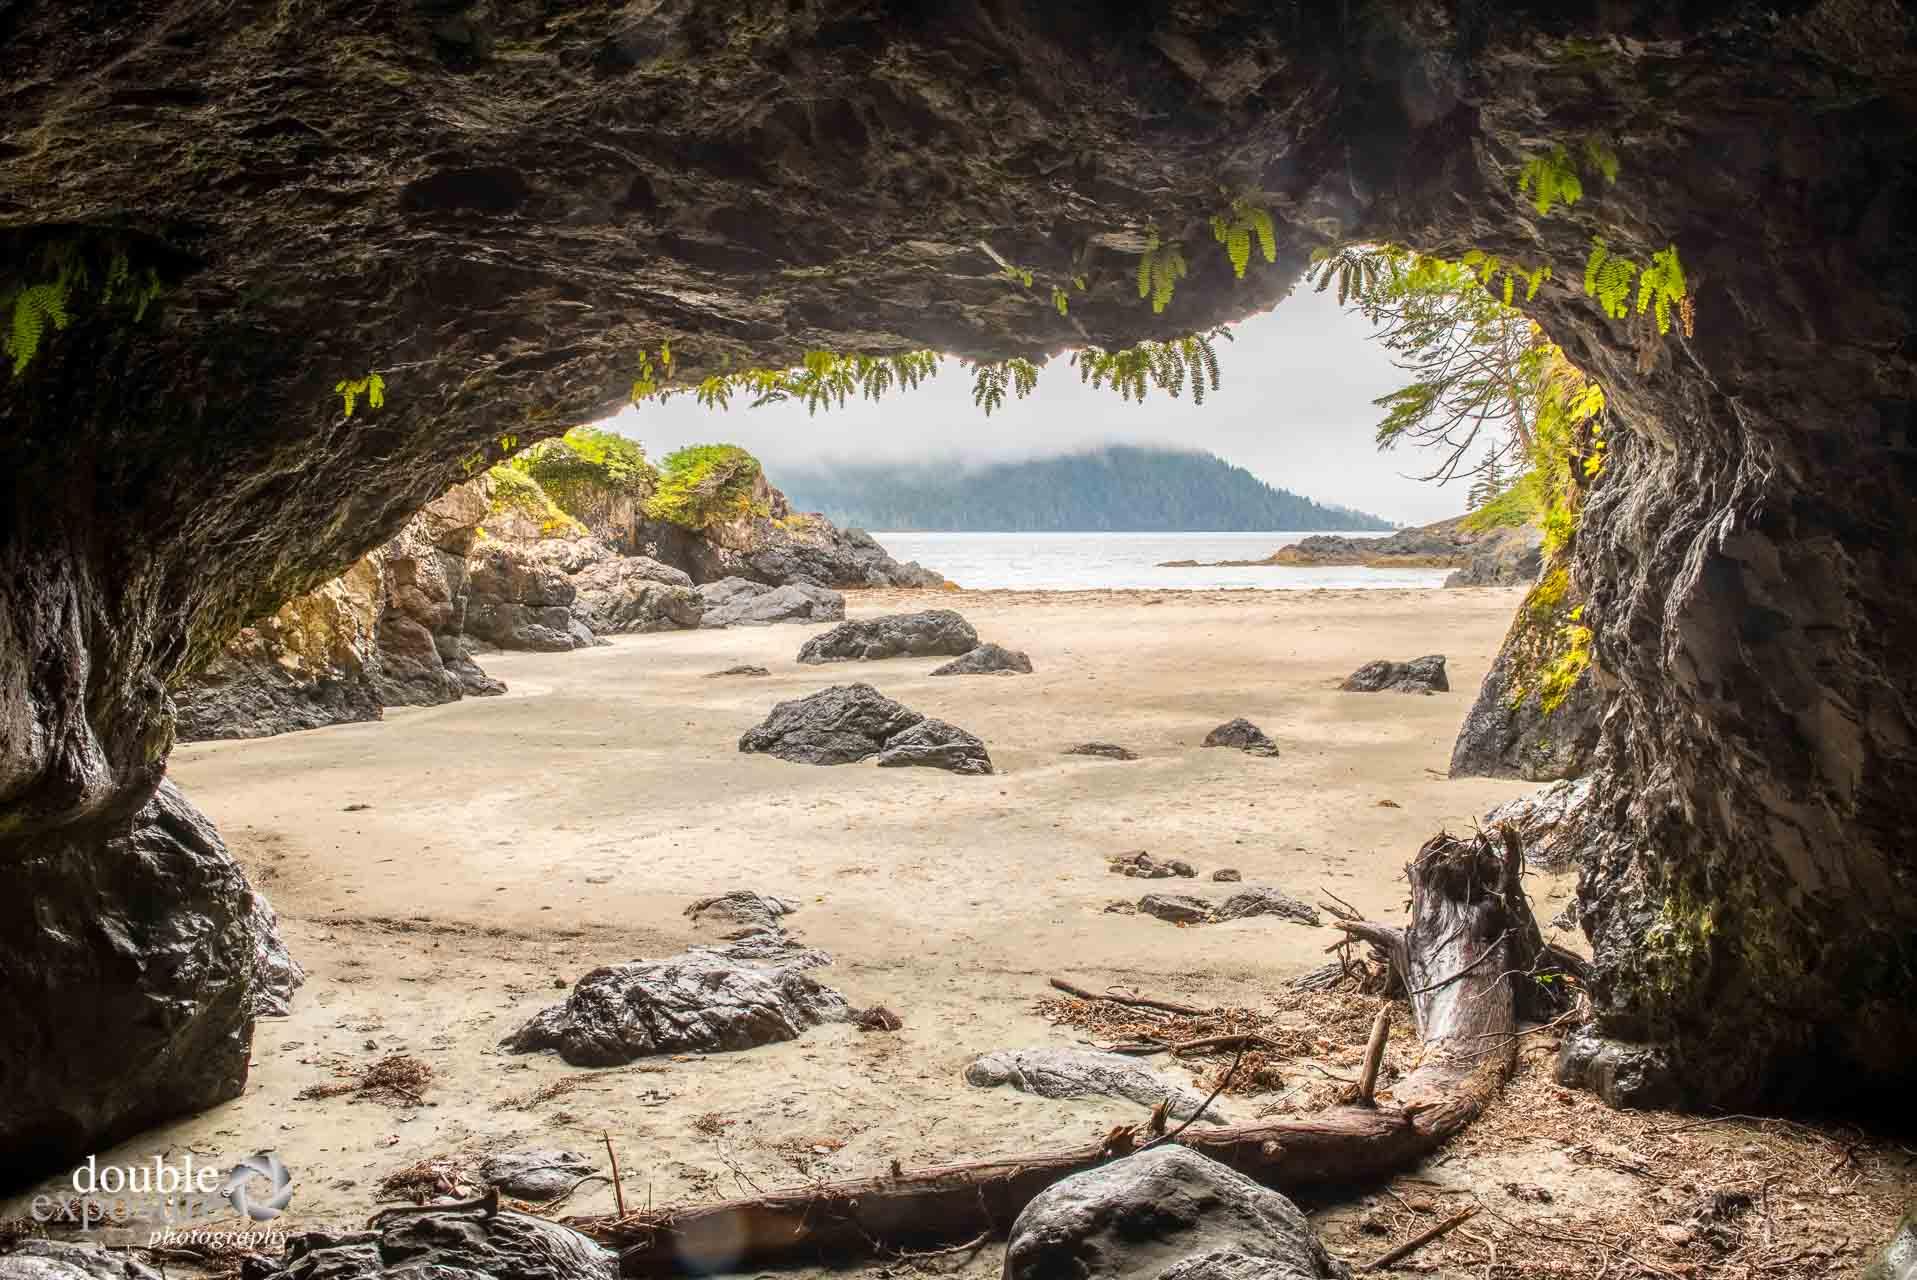 caves on the beach